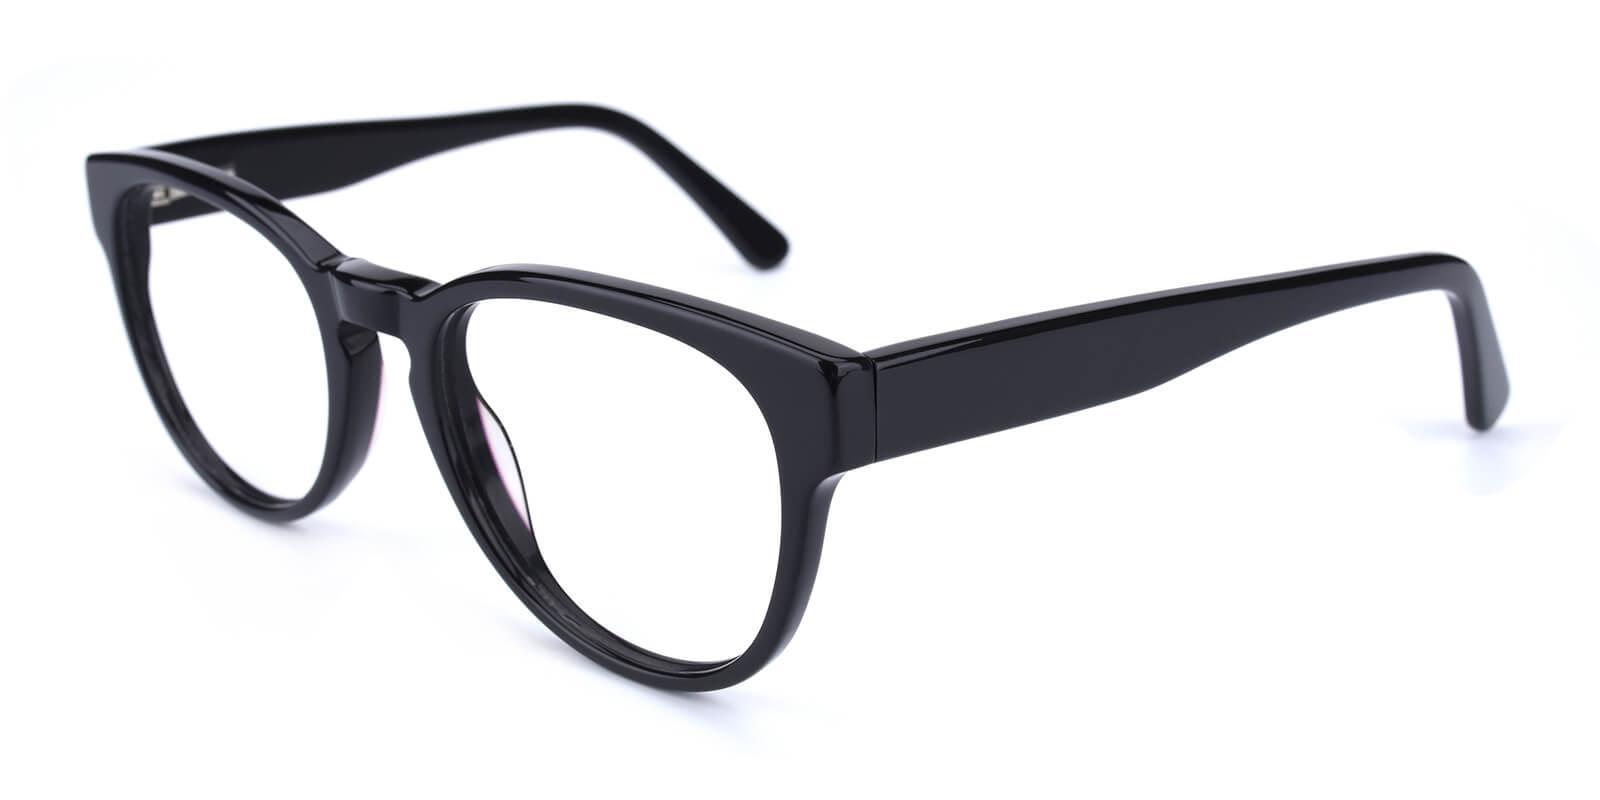 Bringmo-Black-Round / Cat-Acetate-Eyeglasses-detail